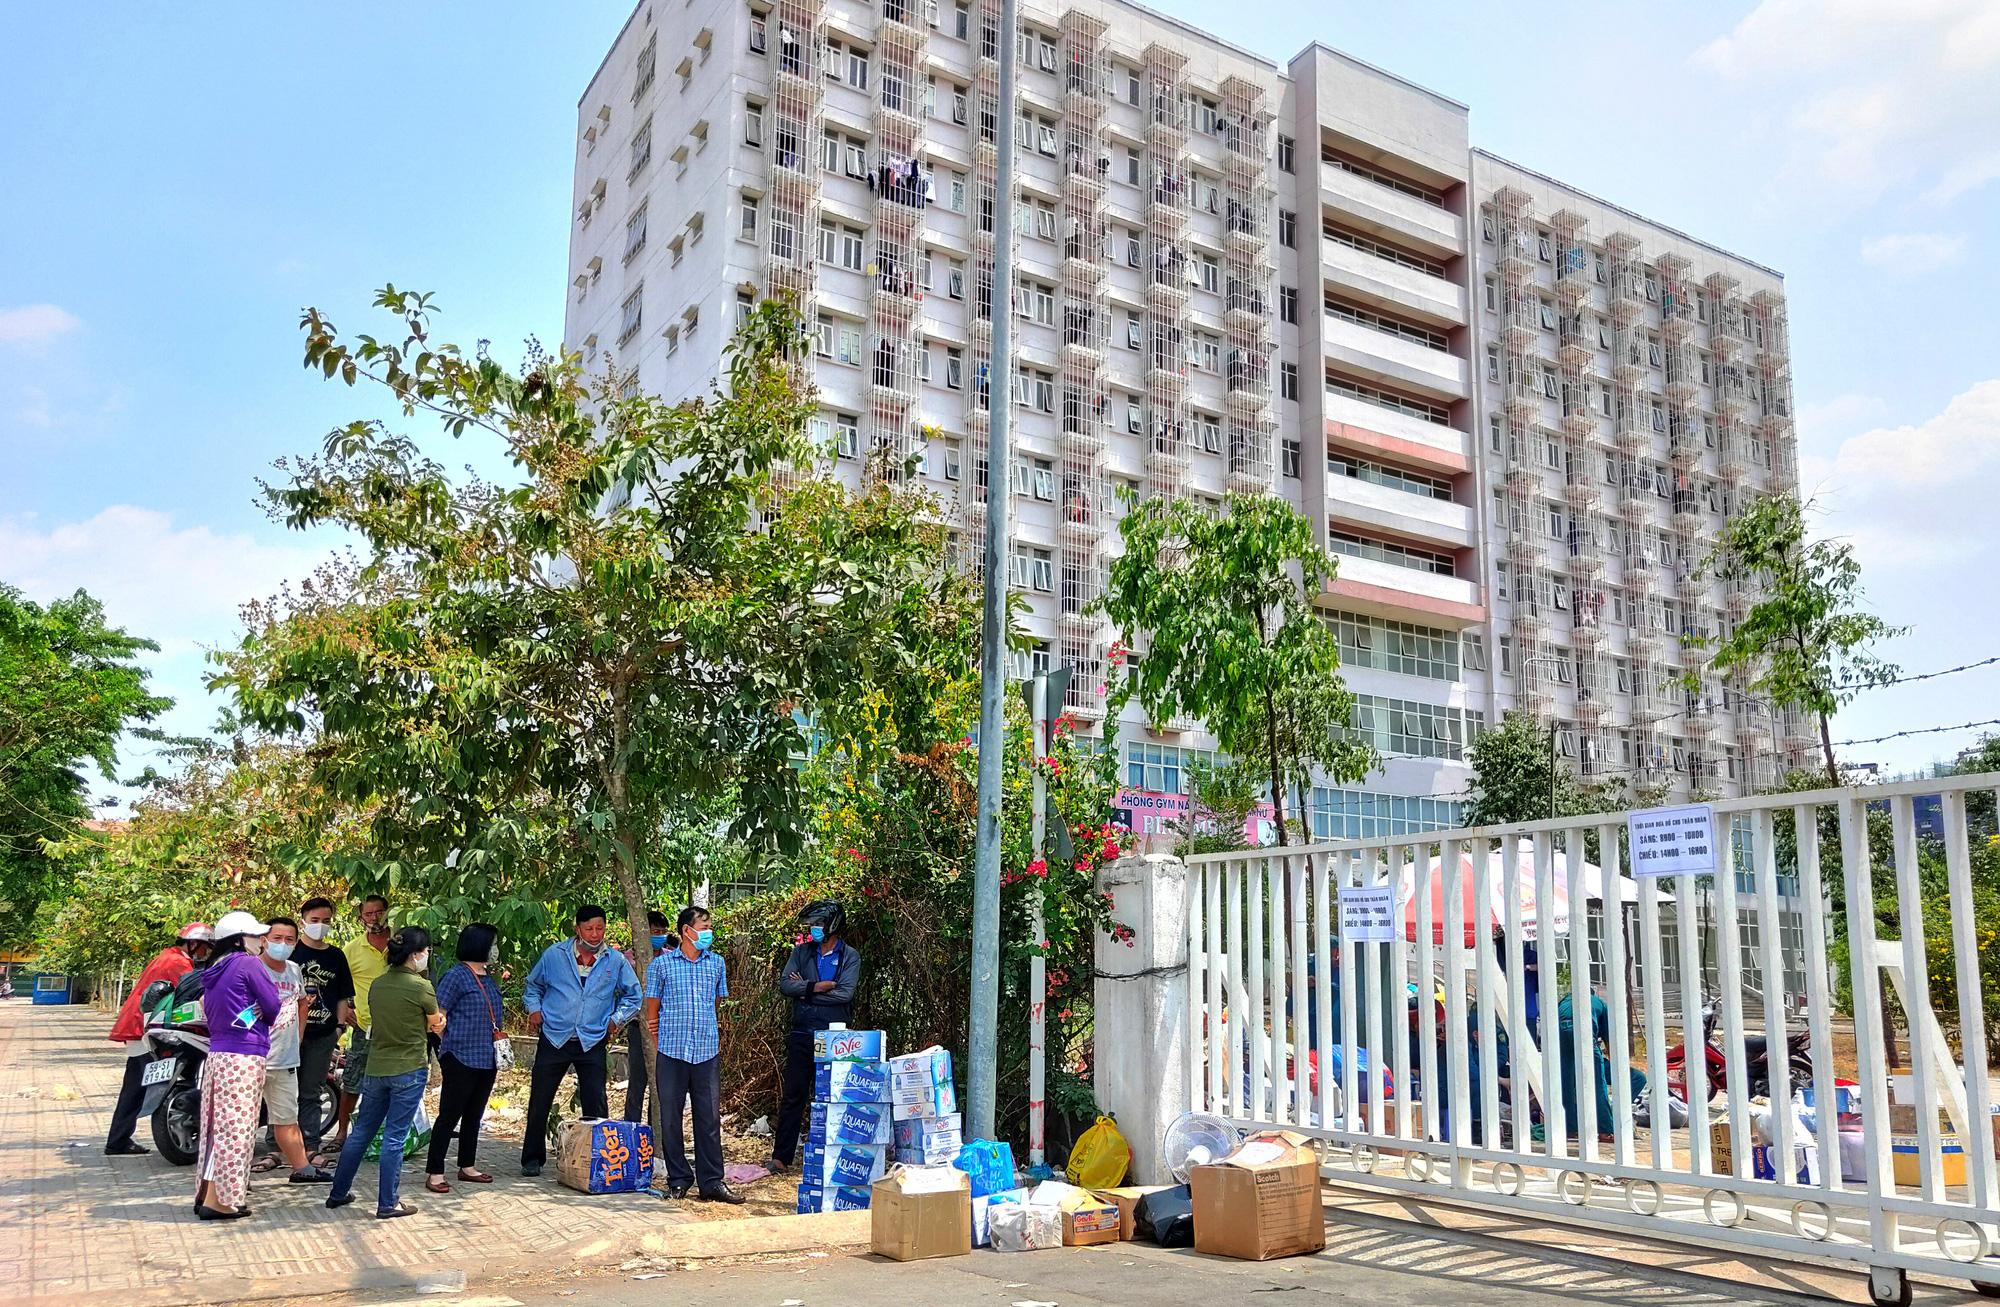 Hàng trăm người đội nắng để gửi đồ cho thân nhân trong khu cách li tại kí túc xá Đại học Quốc gia TP HCM - Ảnh 15.